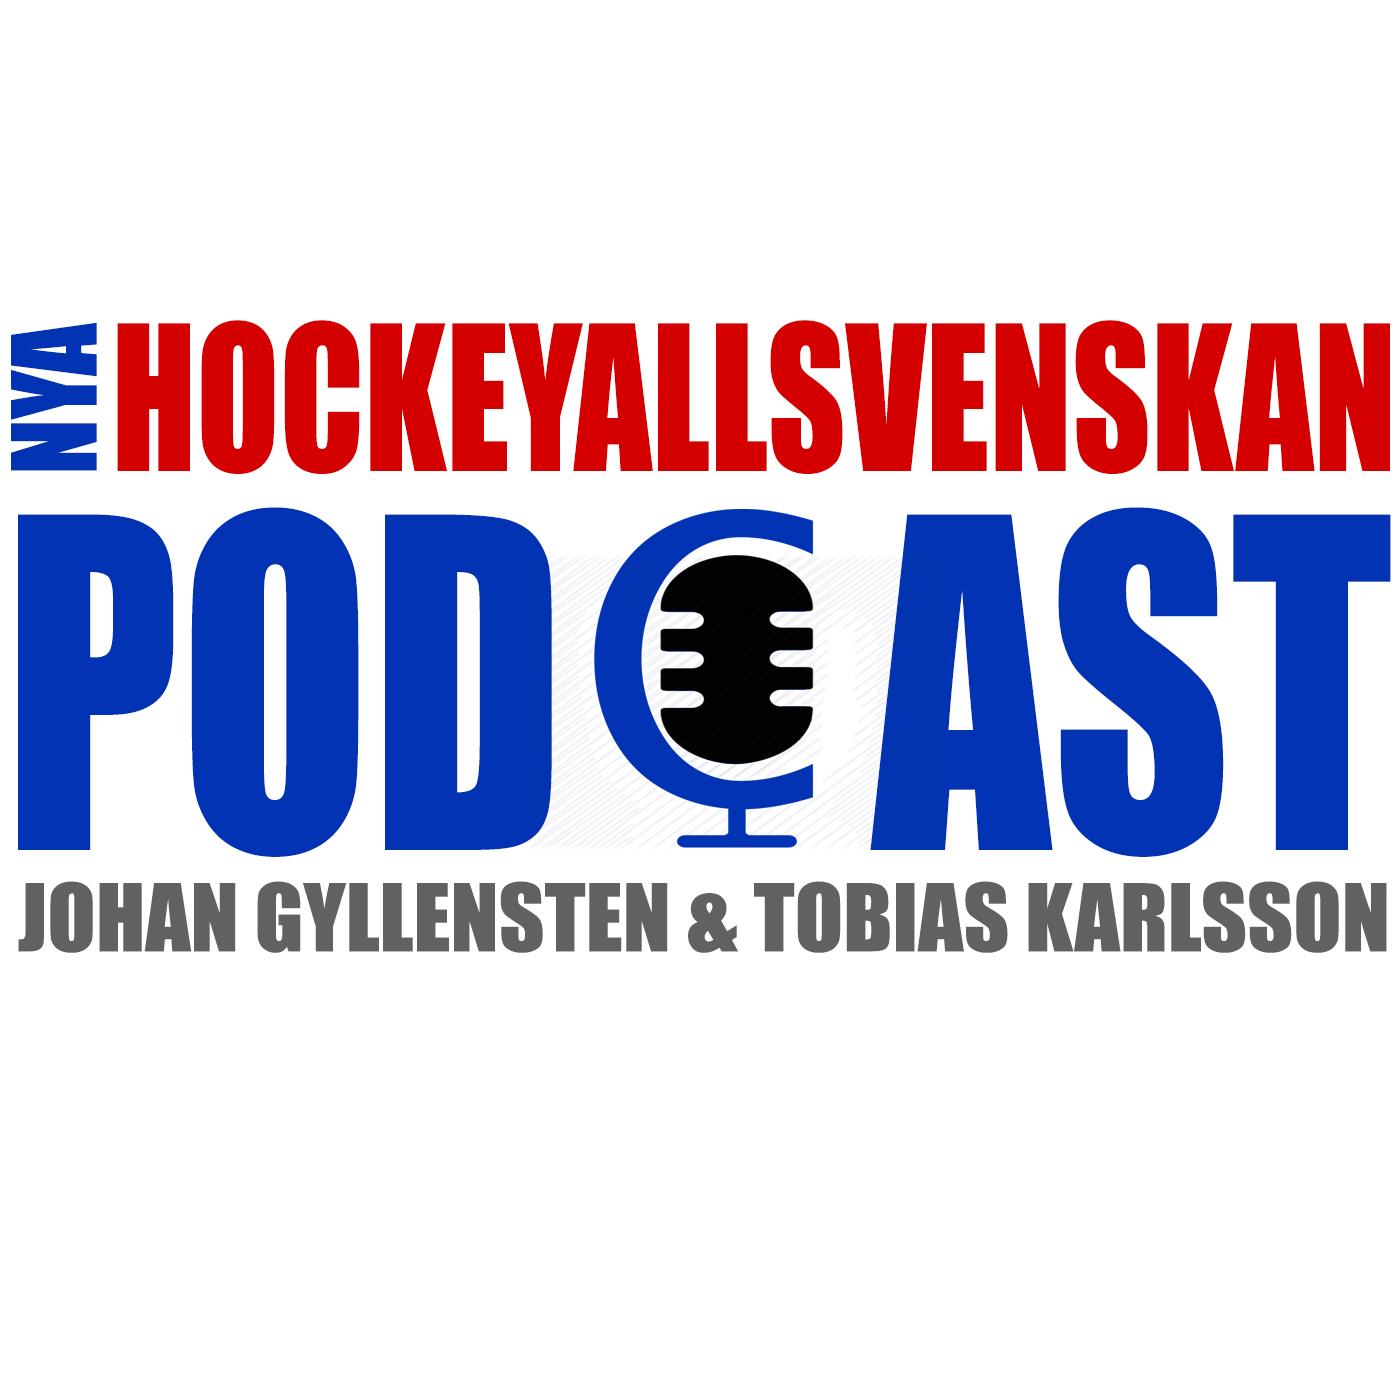 HockeyAllsvenskan Podcast